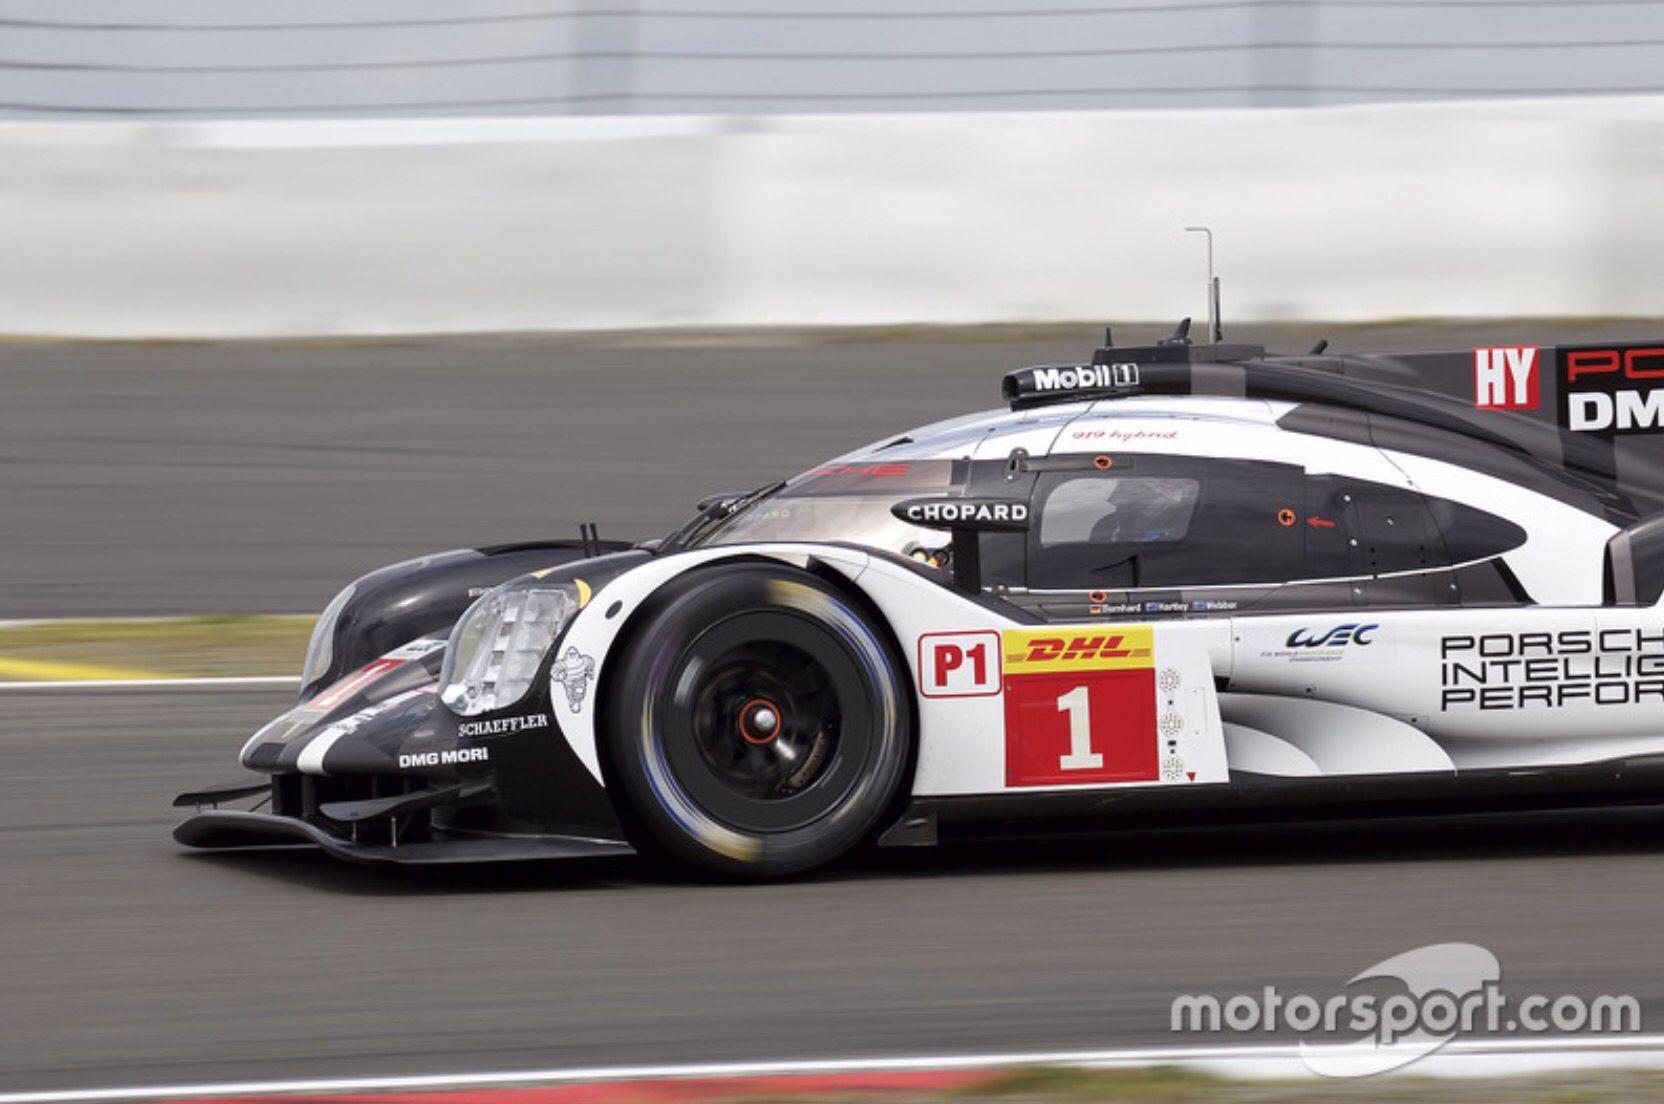 Nurburgring aero